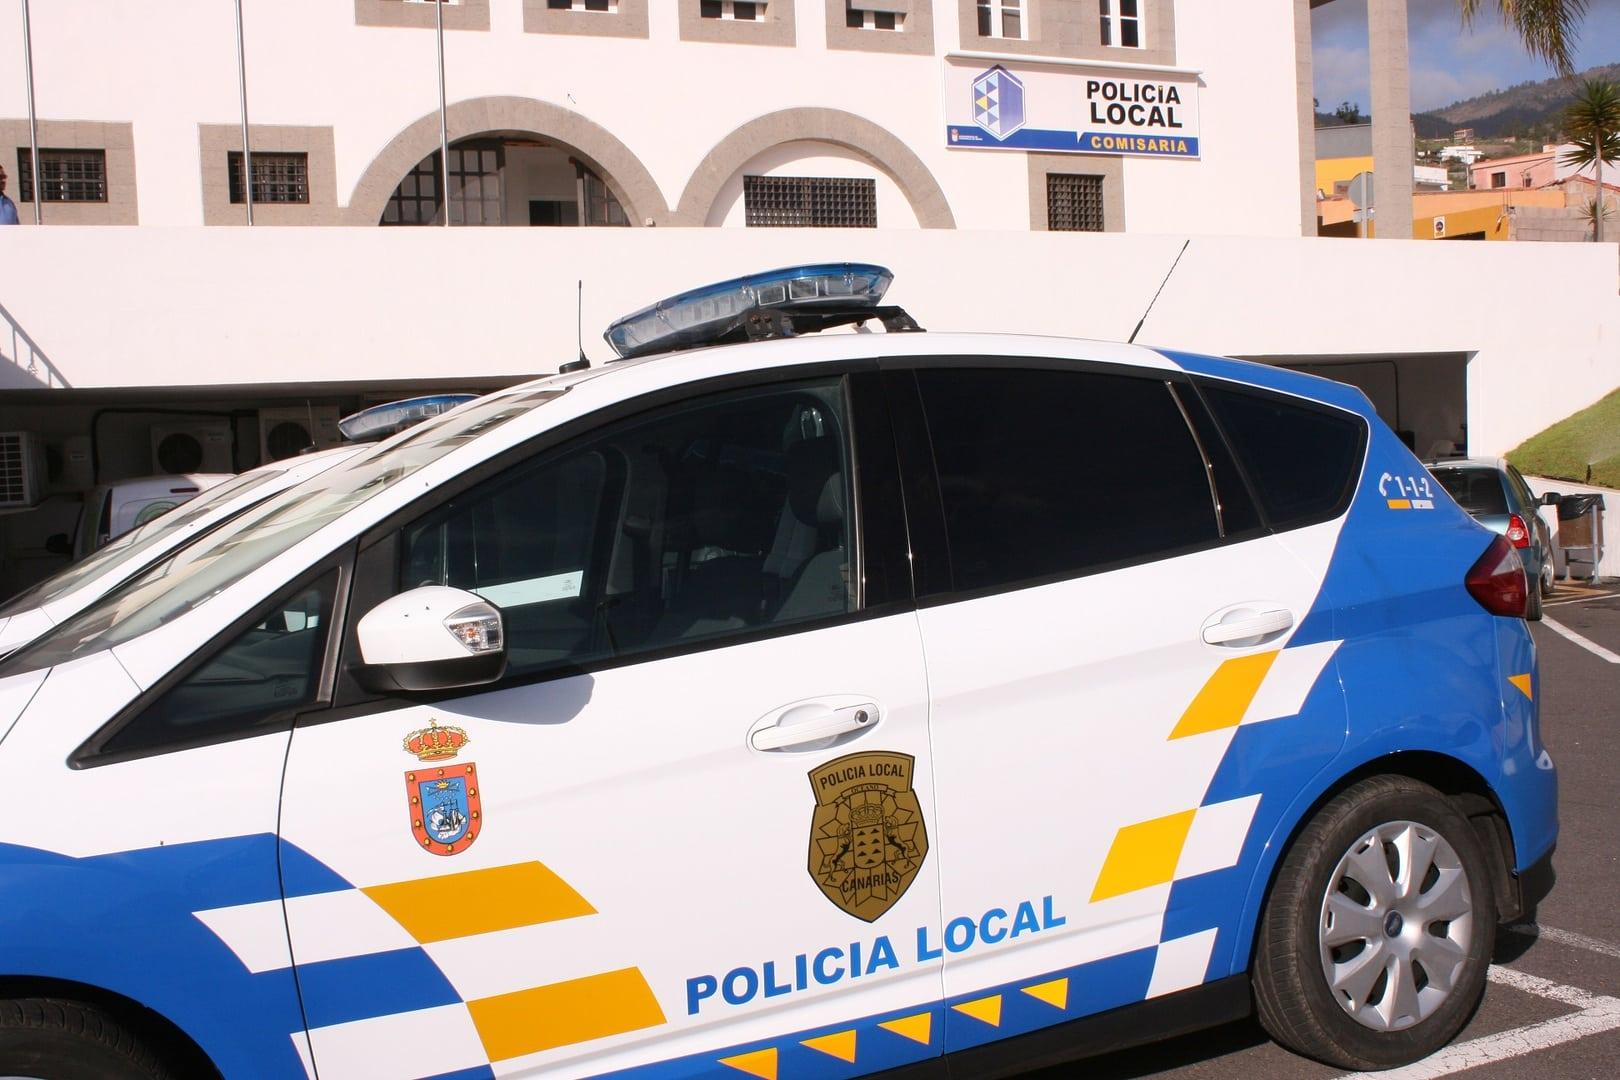 Responsable del cobro de las multas de la Policía Local, sancionada por apropiarse de 600 euros